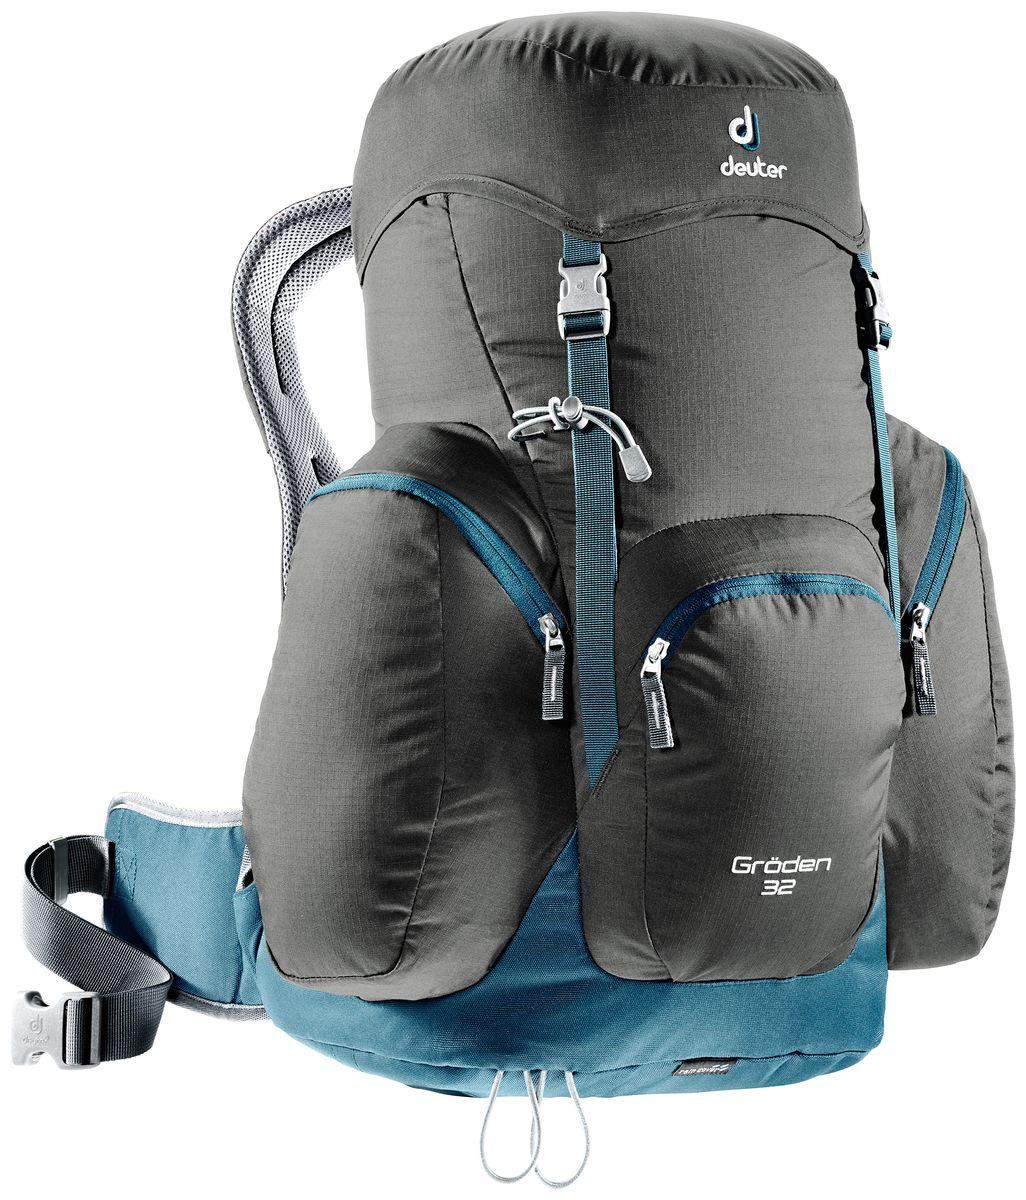 Рюкзак Deuter Groden 32, цвет: темно-коричневый, темно-синий, 32 л3430316_6311Туристический рюкзак классической модели -Просторные нижние боковые карманы и вместительный фронтальный карман -подвеска AirComfort -вентиляция подушек (Zugspitze); мягкие подушки пояса (Groeden) -лямки анатомической формы -Двойные замки позволяют надежно закрепить дополнительное снаряжение под верхним клапаном -Карман в клапане -Петли для треккинговых палок -Встроенный, съемный чехол от дождя -Материал: Ripstop-Polytex -Вес: 1170 g -Объем: 32 l -Размеры: В x Ш x Г: 55 x 42 x 28 см